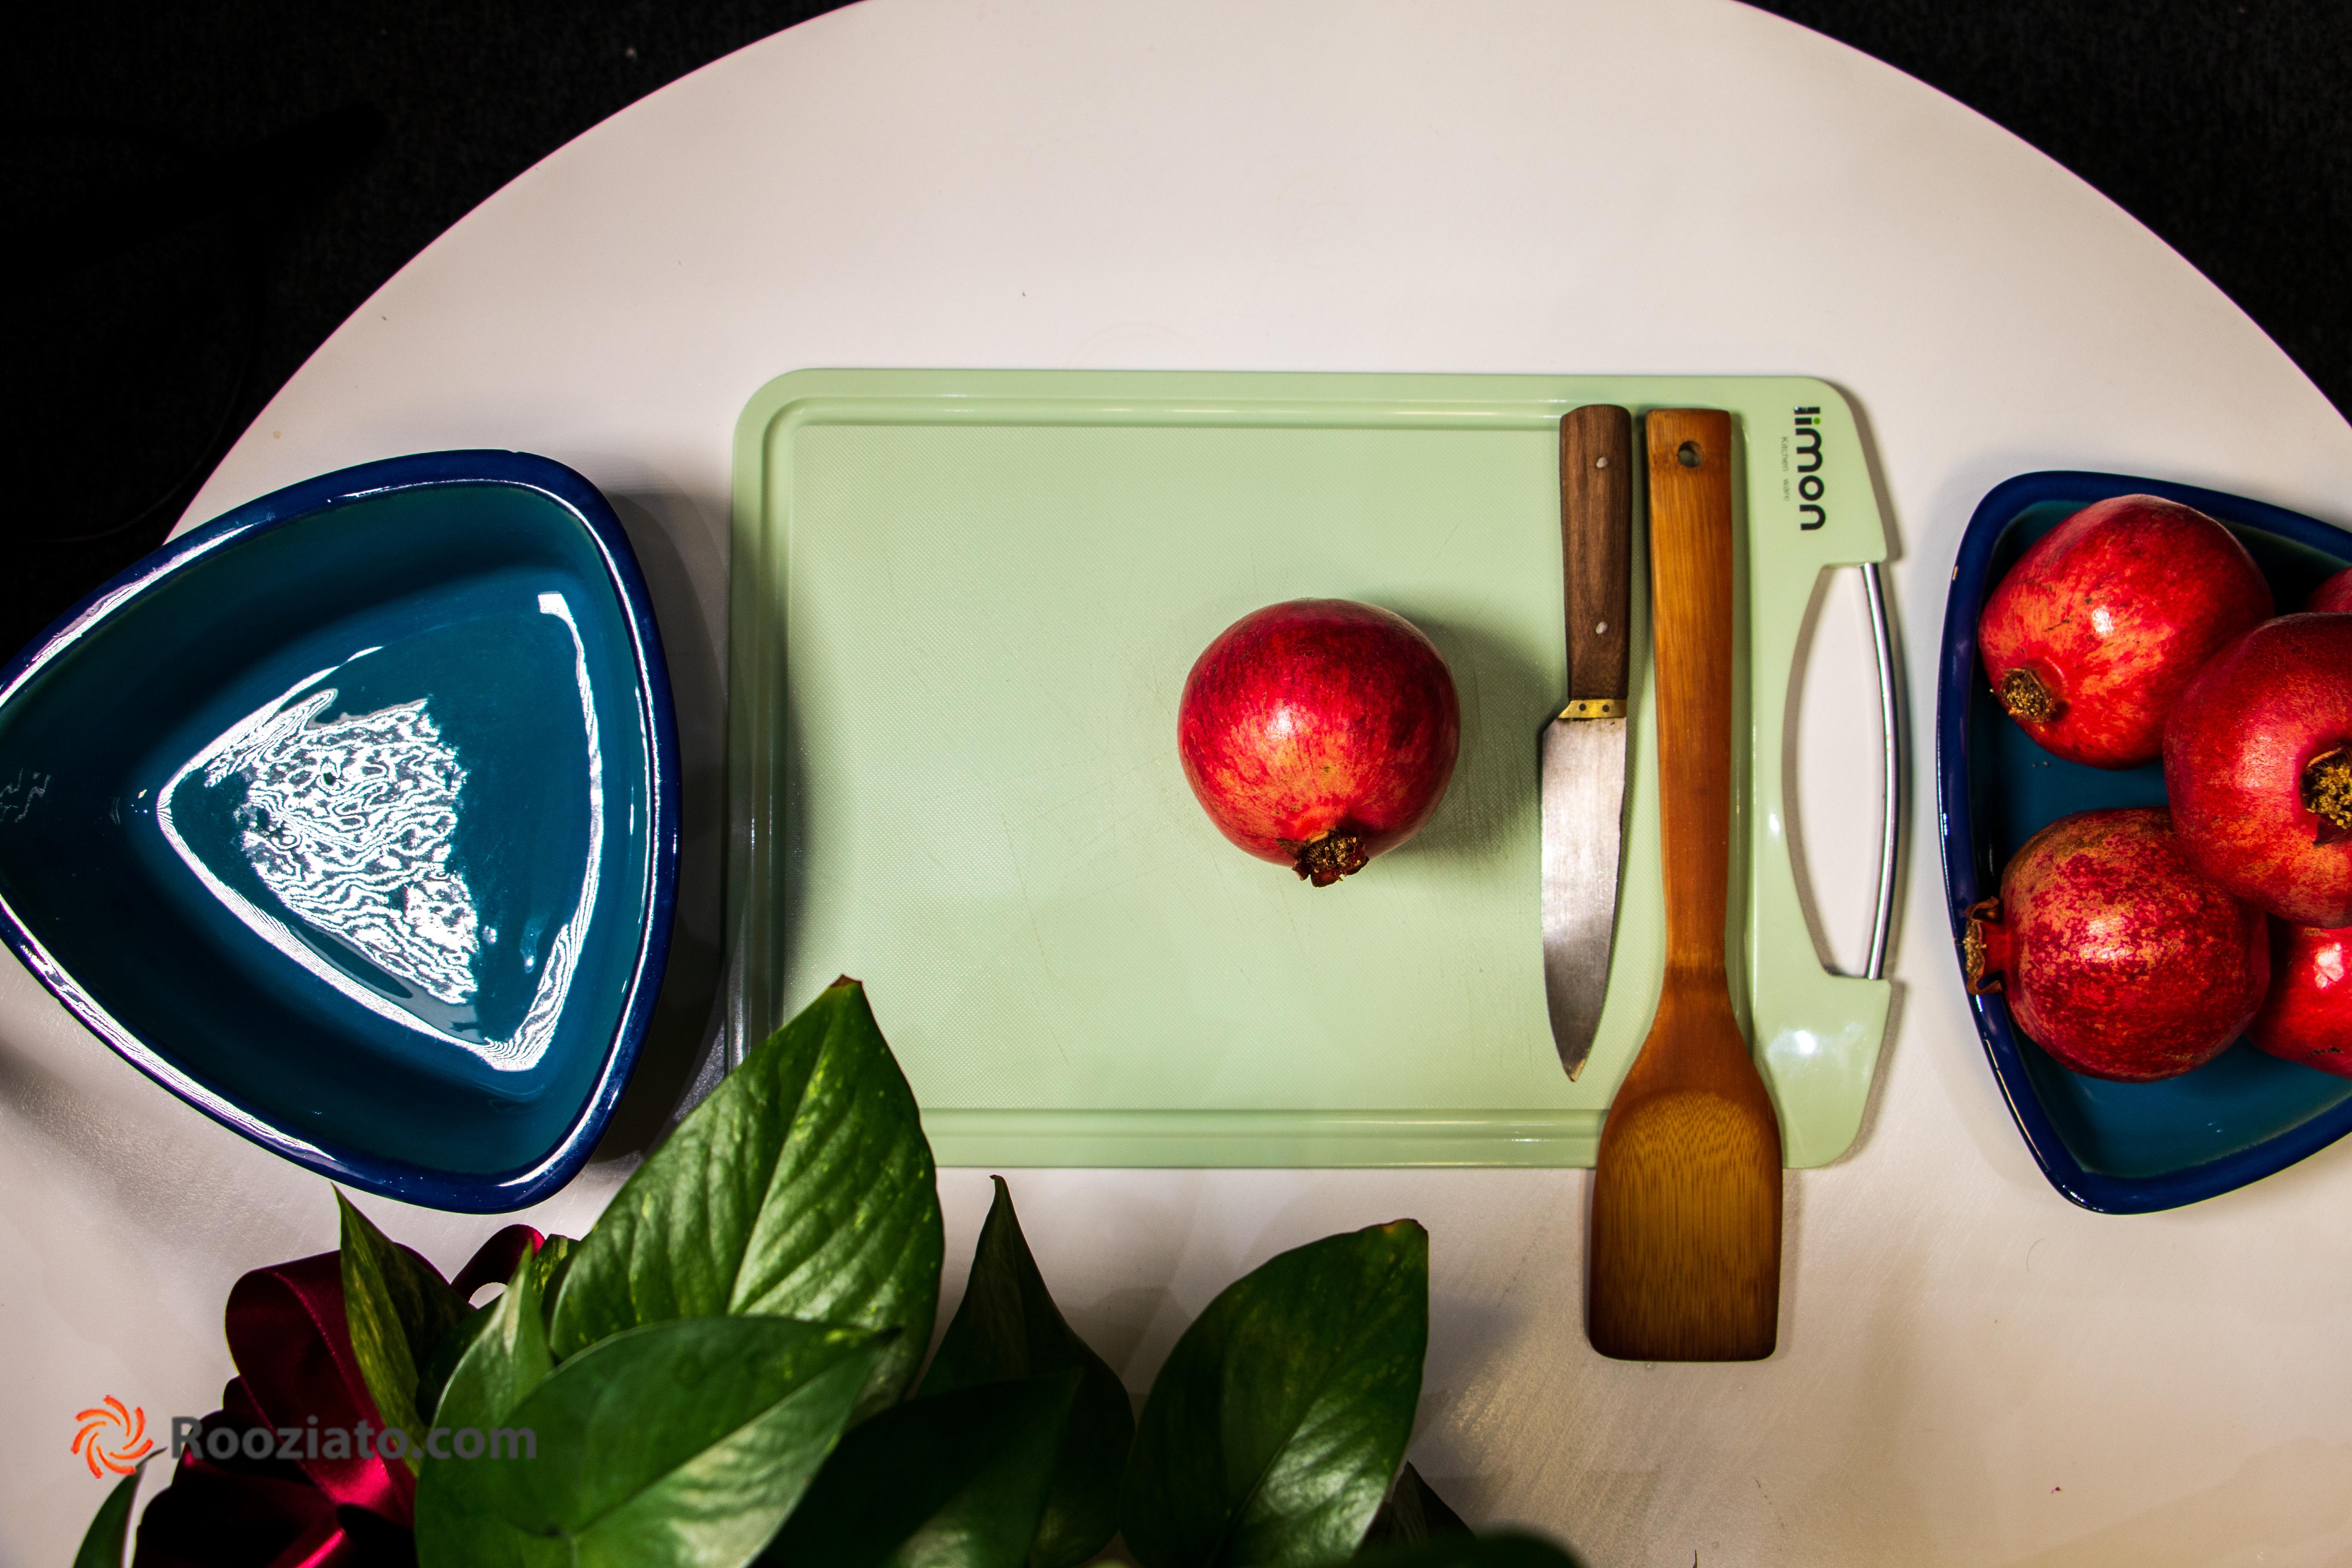 چگونه انار را در عرض چند ثانیه دانه کنیم؟